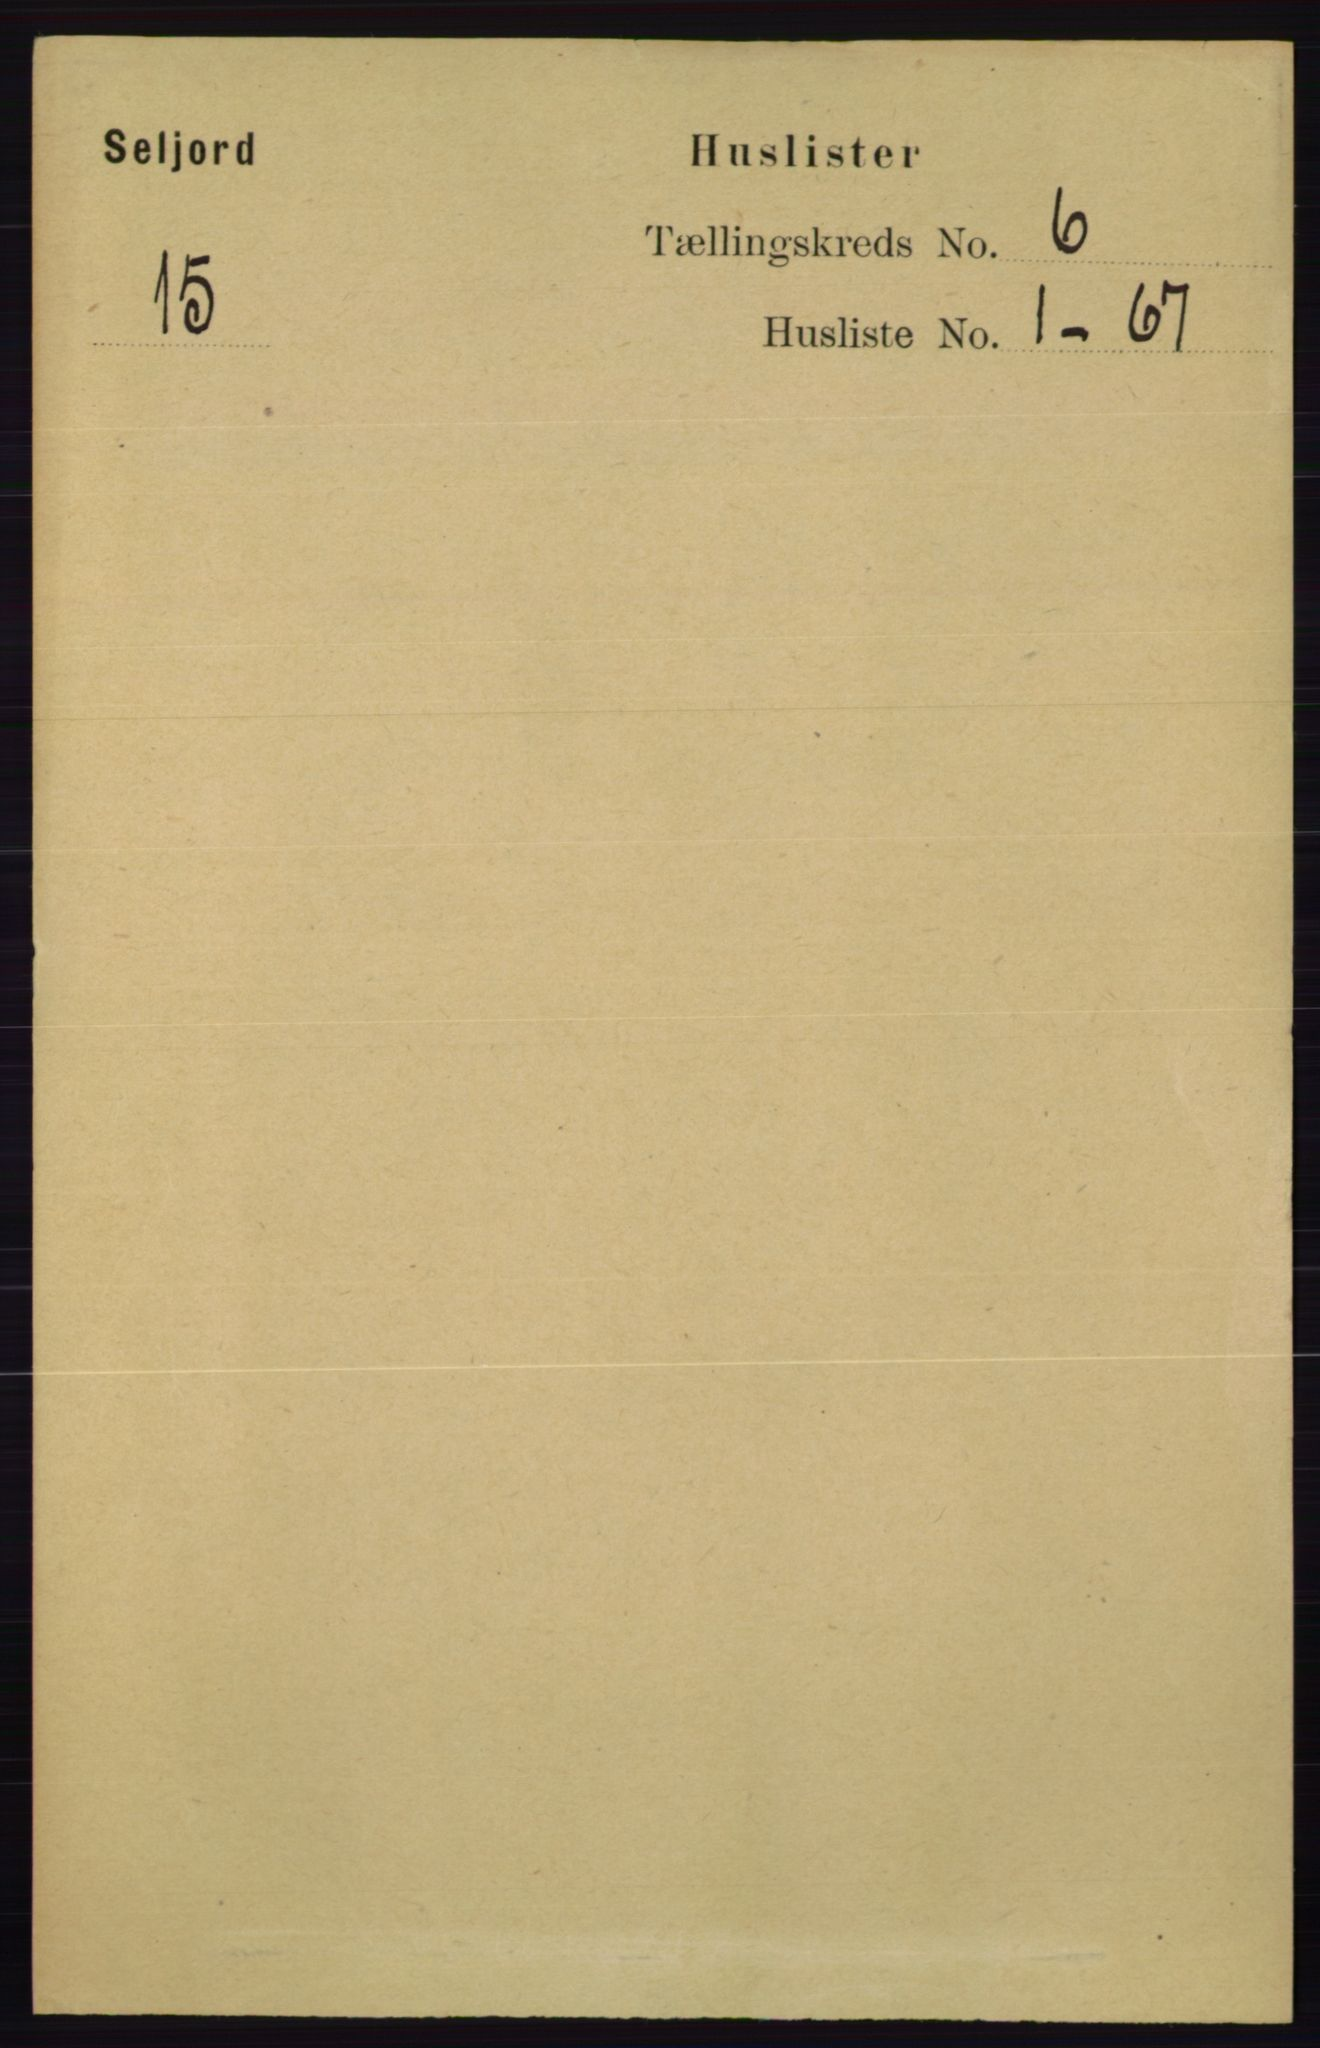 RA, Folketelling 1891 for 0828 Seljord herred, 1891, s. 2138